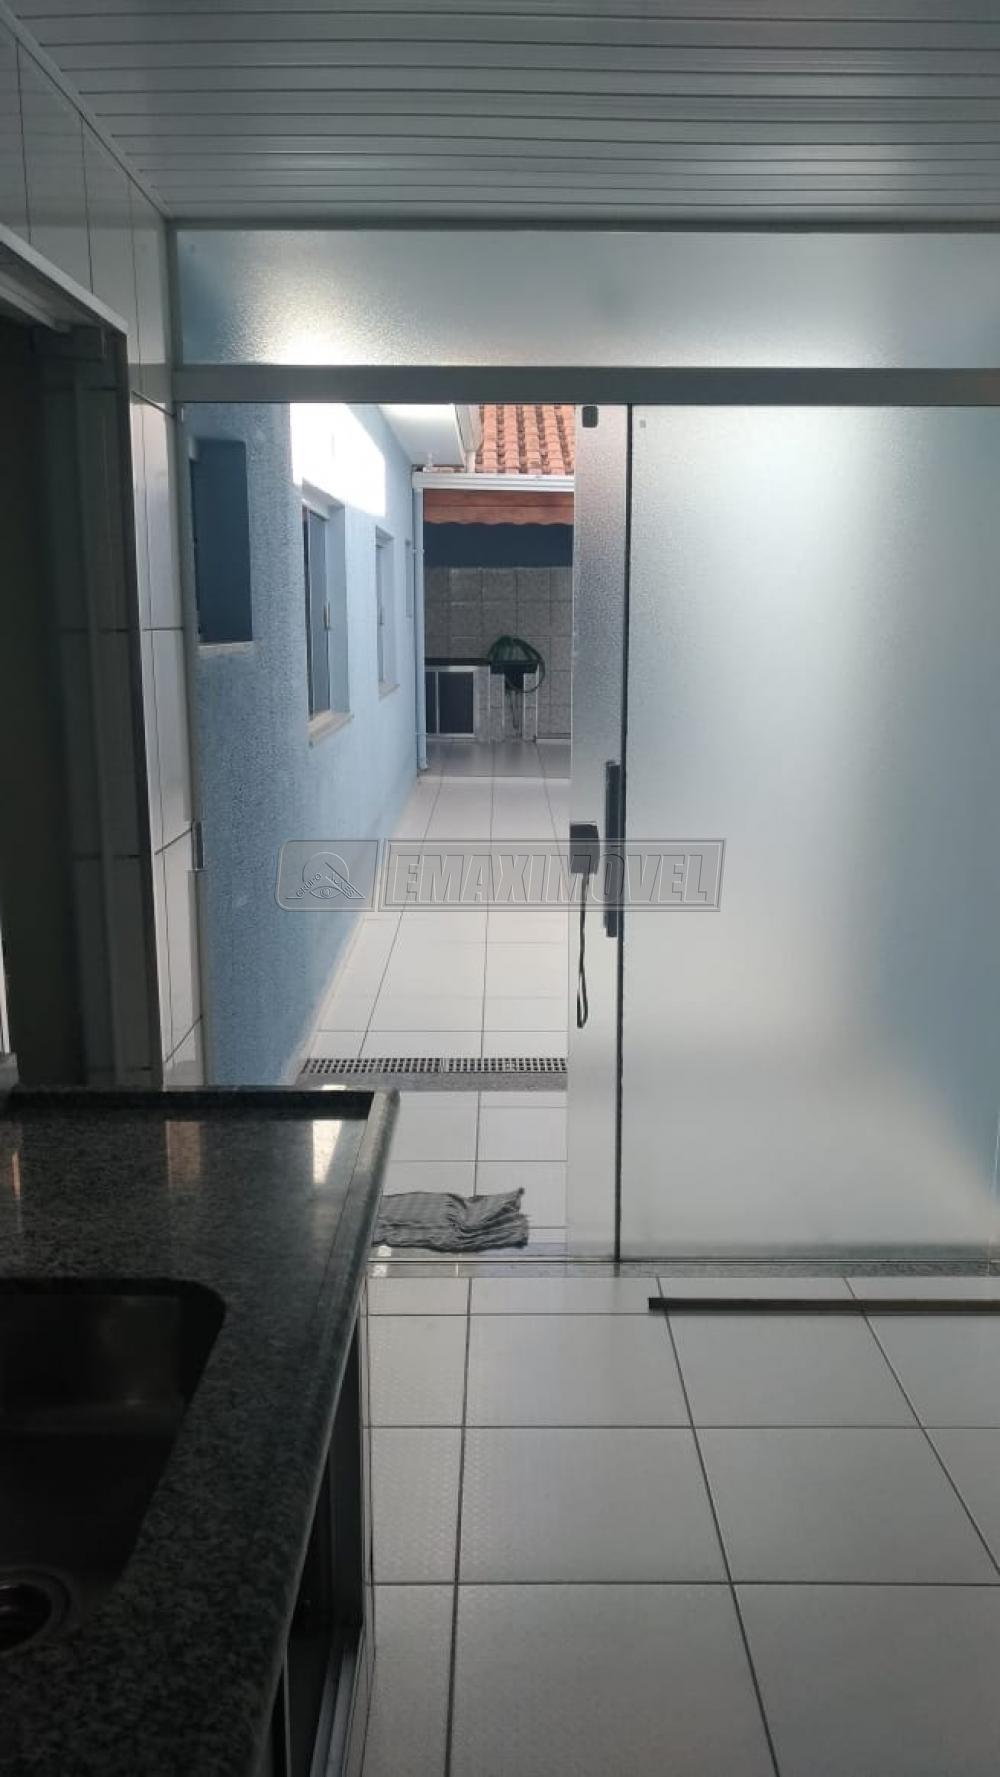 Comprar Casas / em Bairros em Sorocaba apenas R$ 235.000,00 - Foto 16